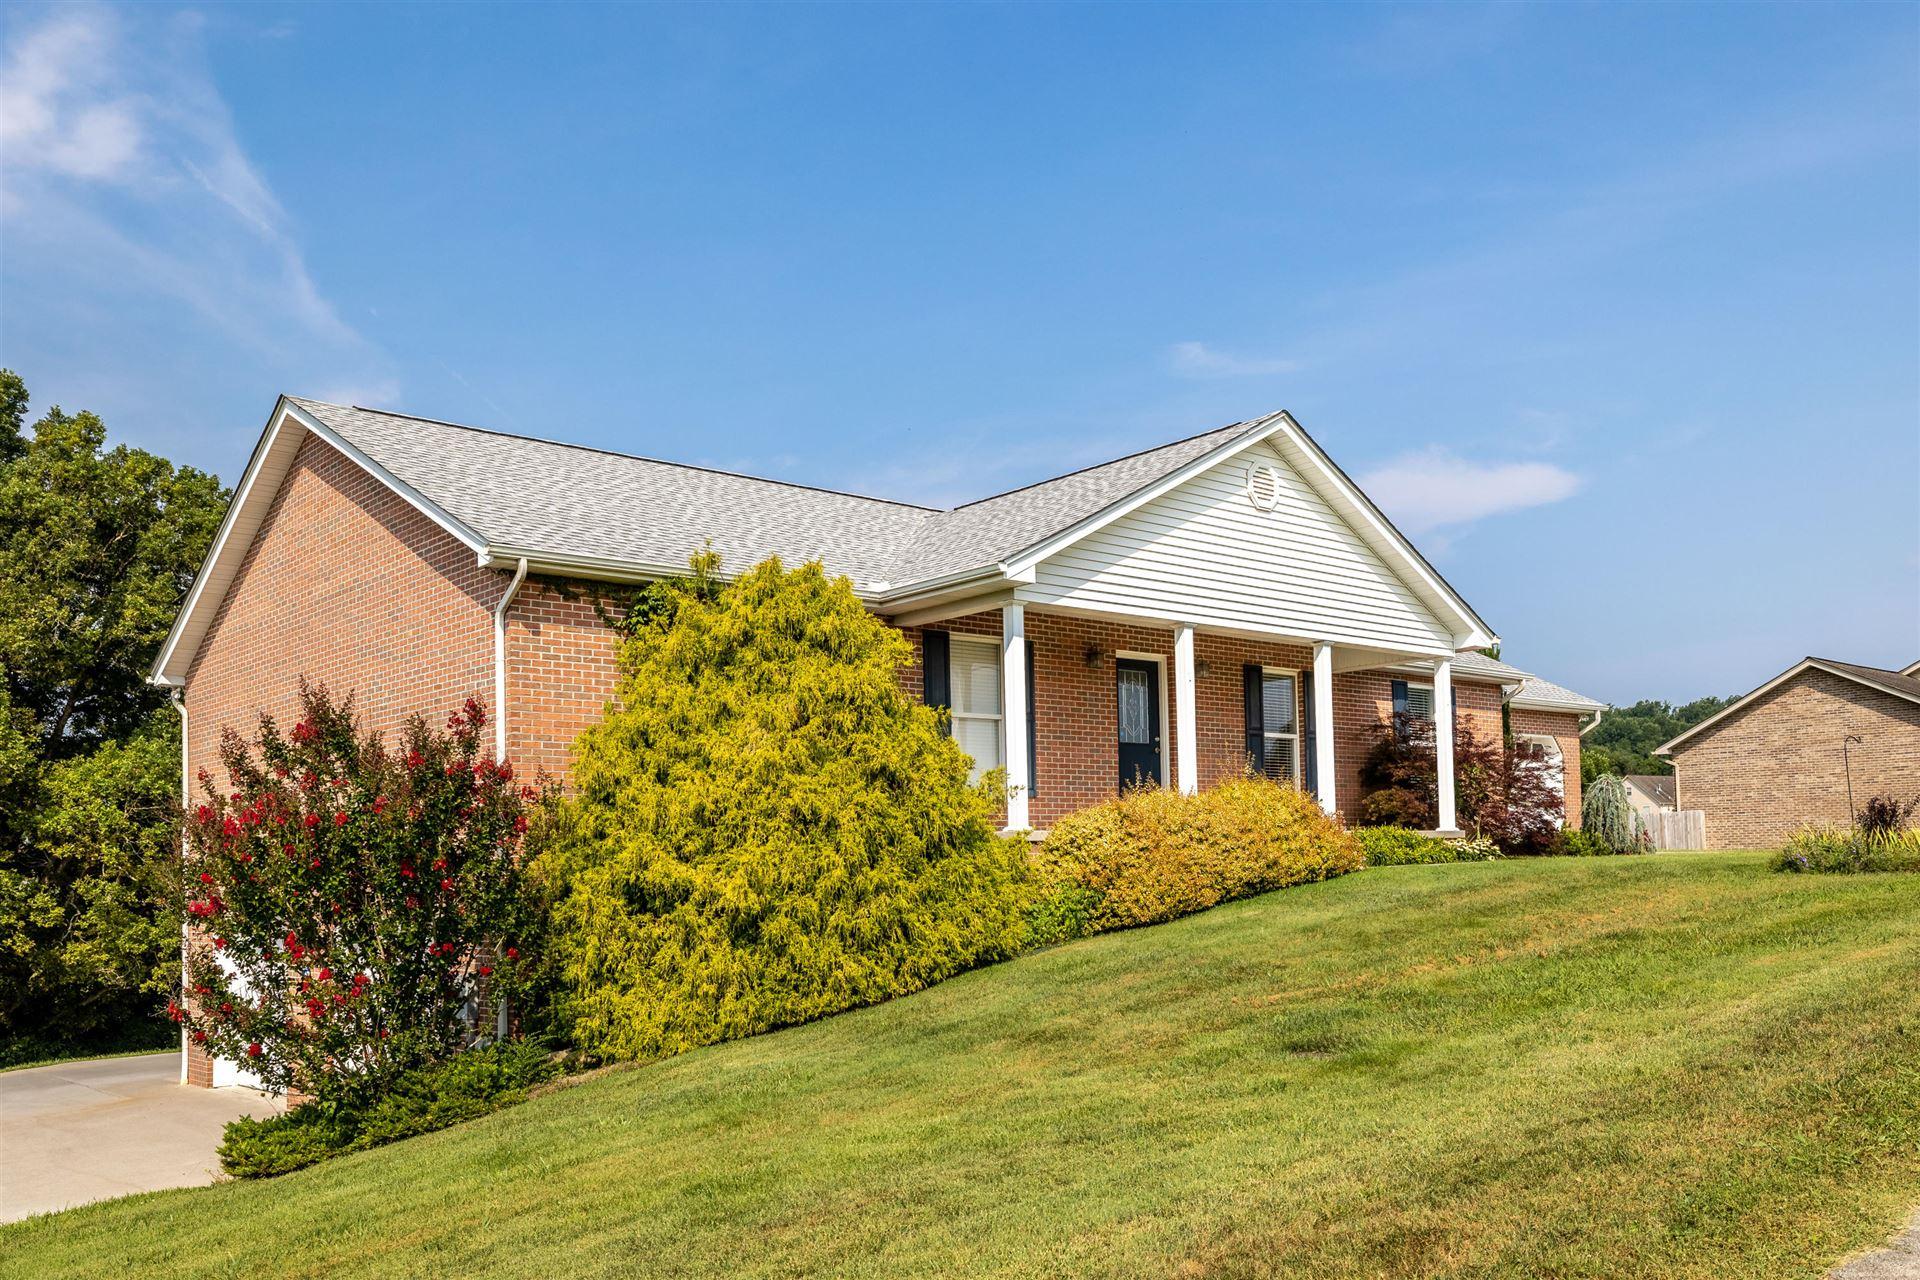 Photo of 917 Bridger Lane, Maryville, TN 37801 (MLS # 1159930)